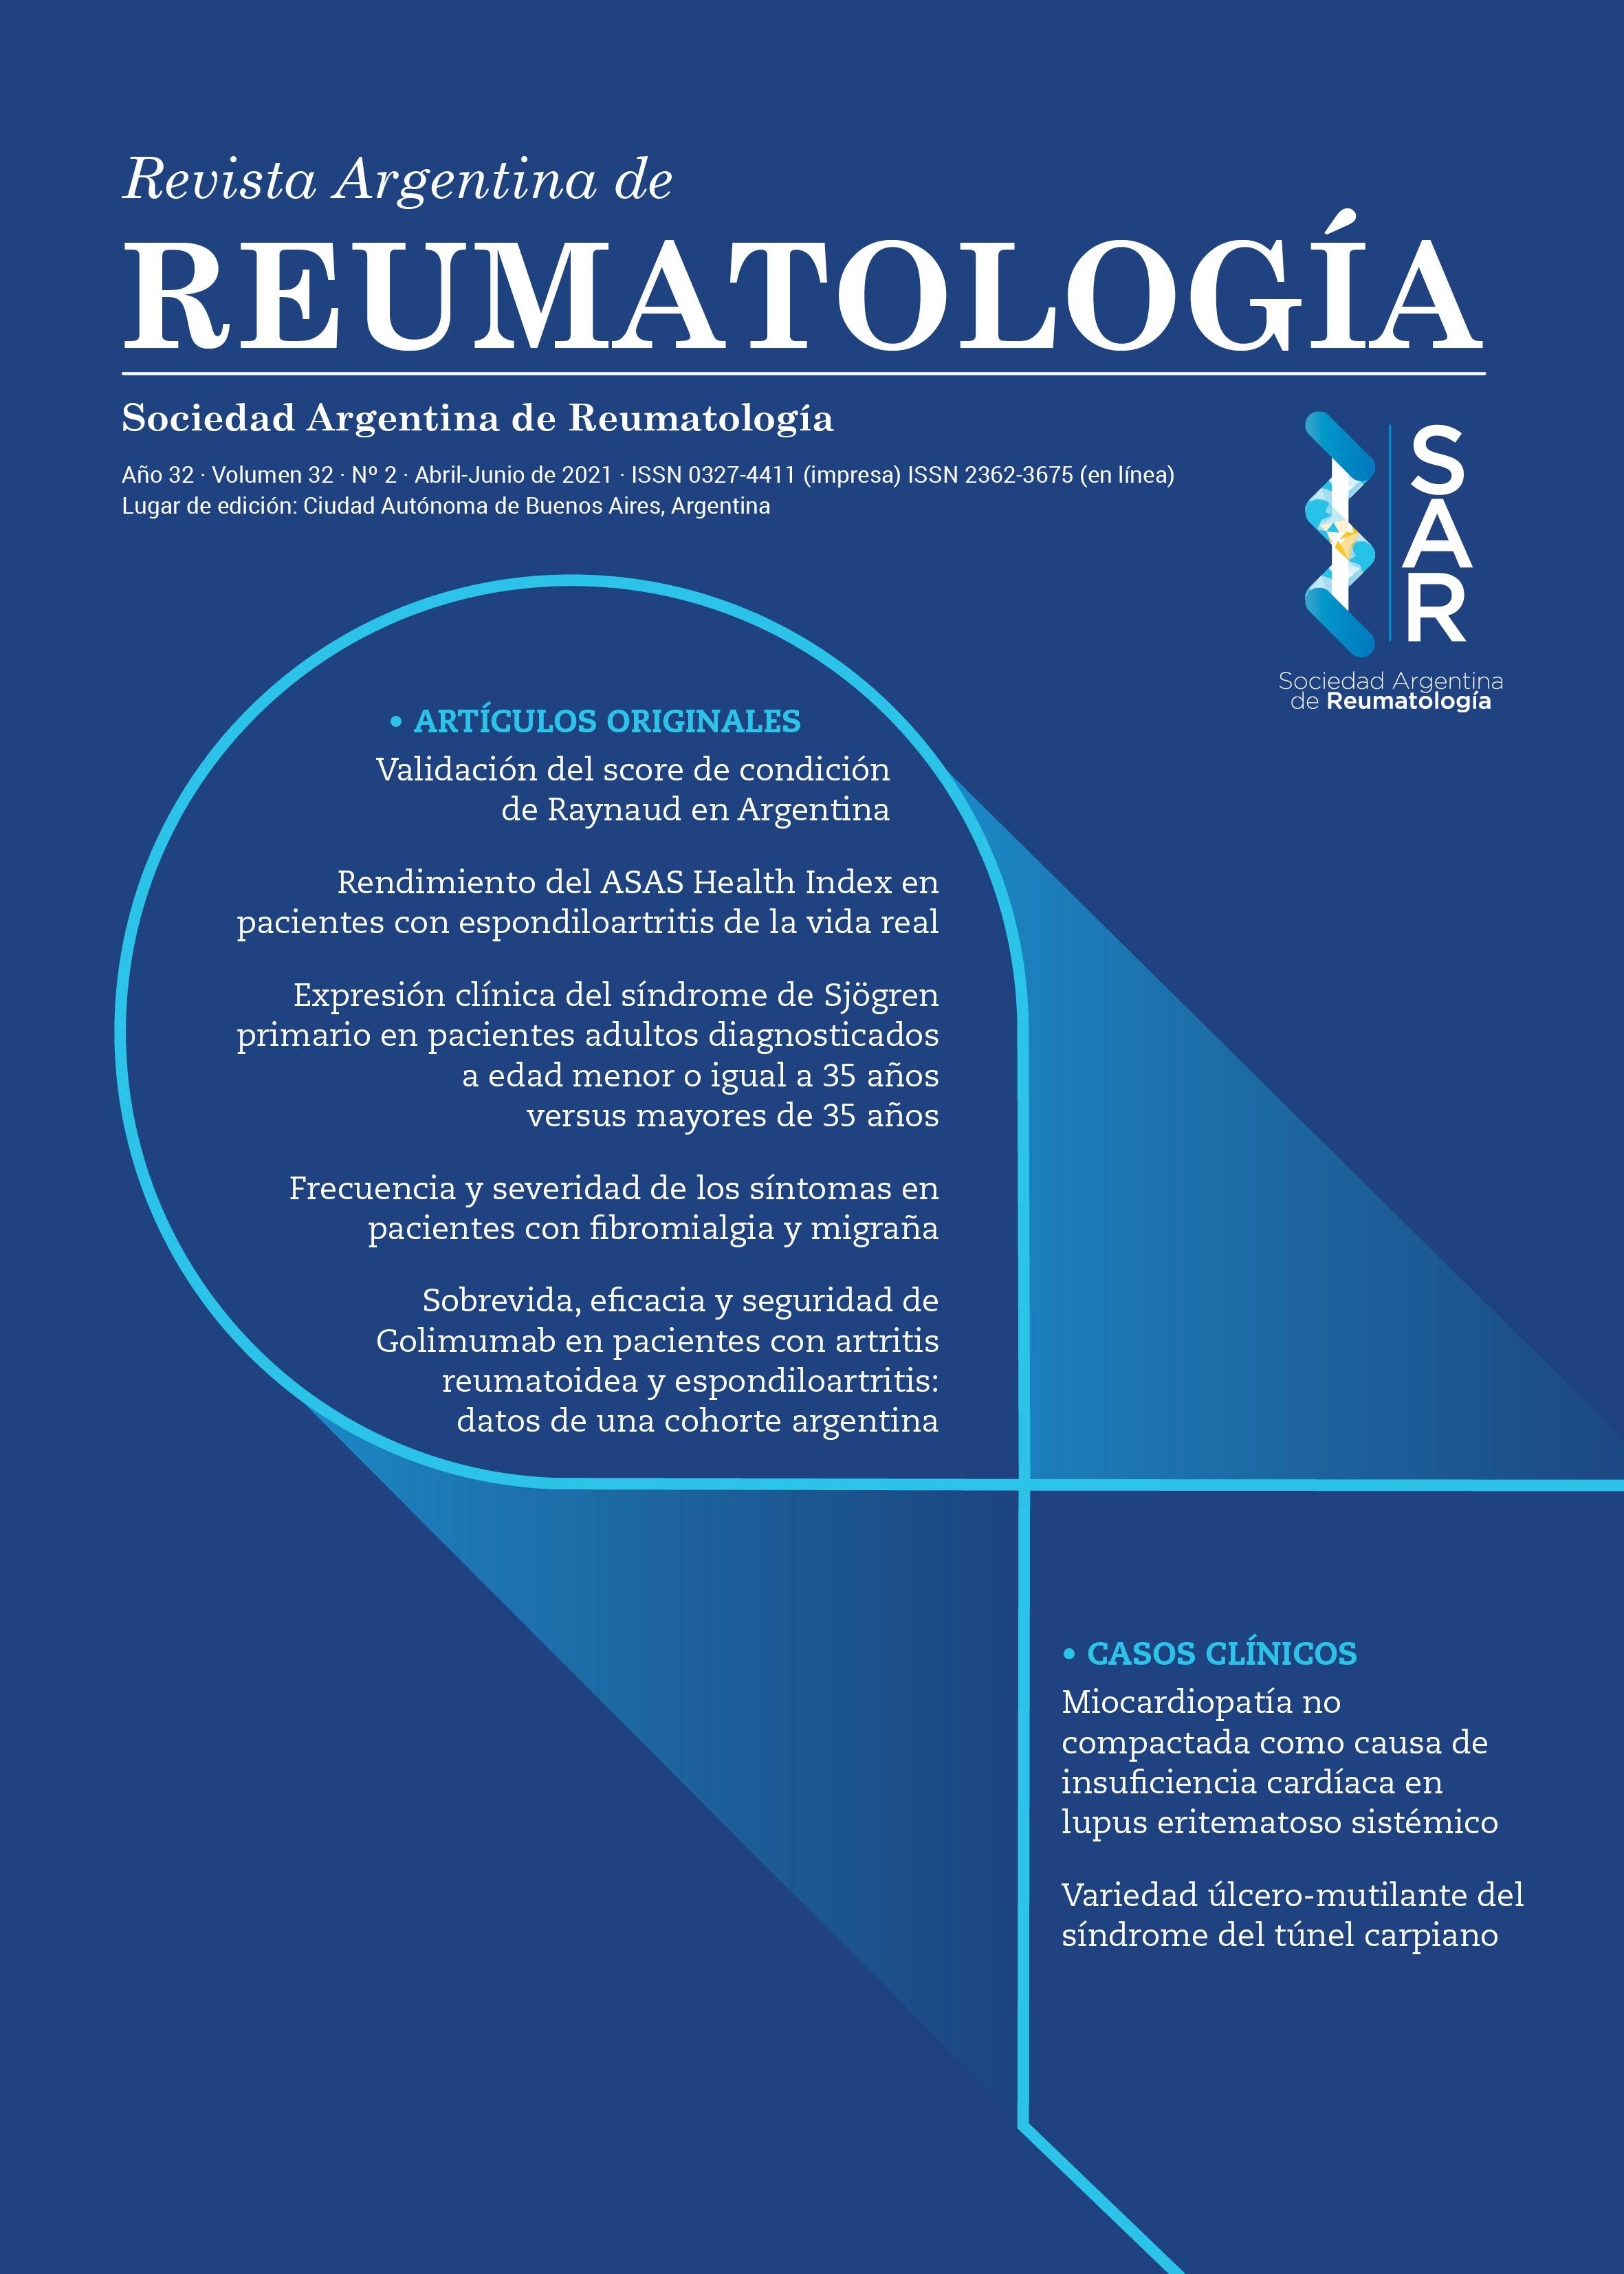 Revista Argentina de Reumatología Nº 2 de 2021